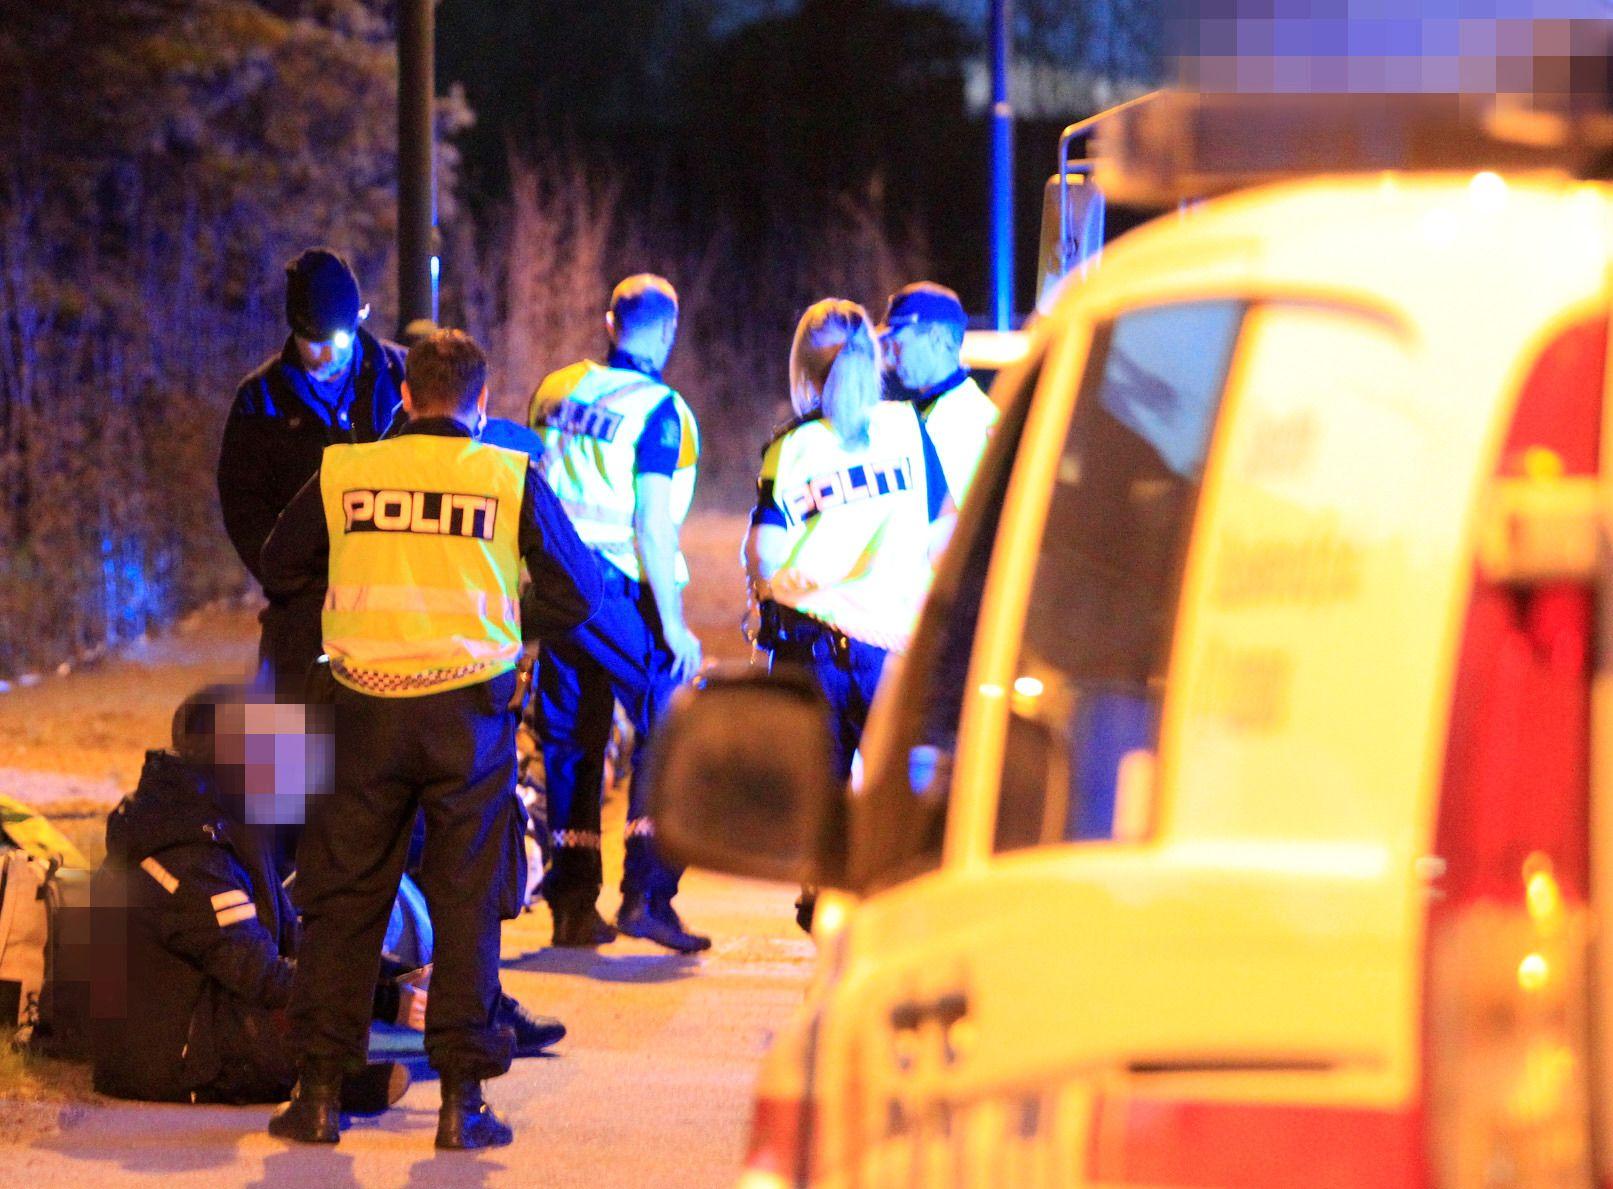 SLÅR TIL: Politiet gjennomfører en narkotikaaksjon mot en russebuss i Drammen. Flere skal være arrestert.